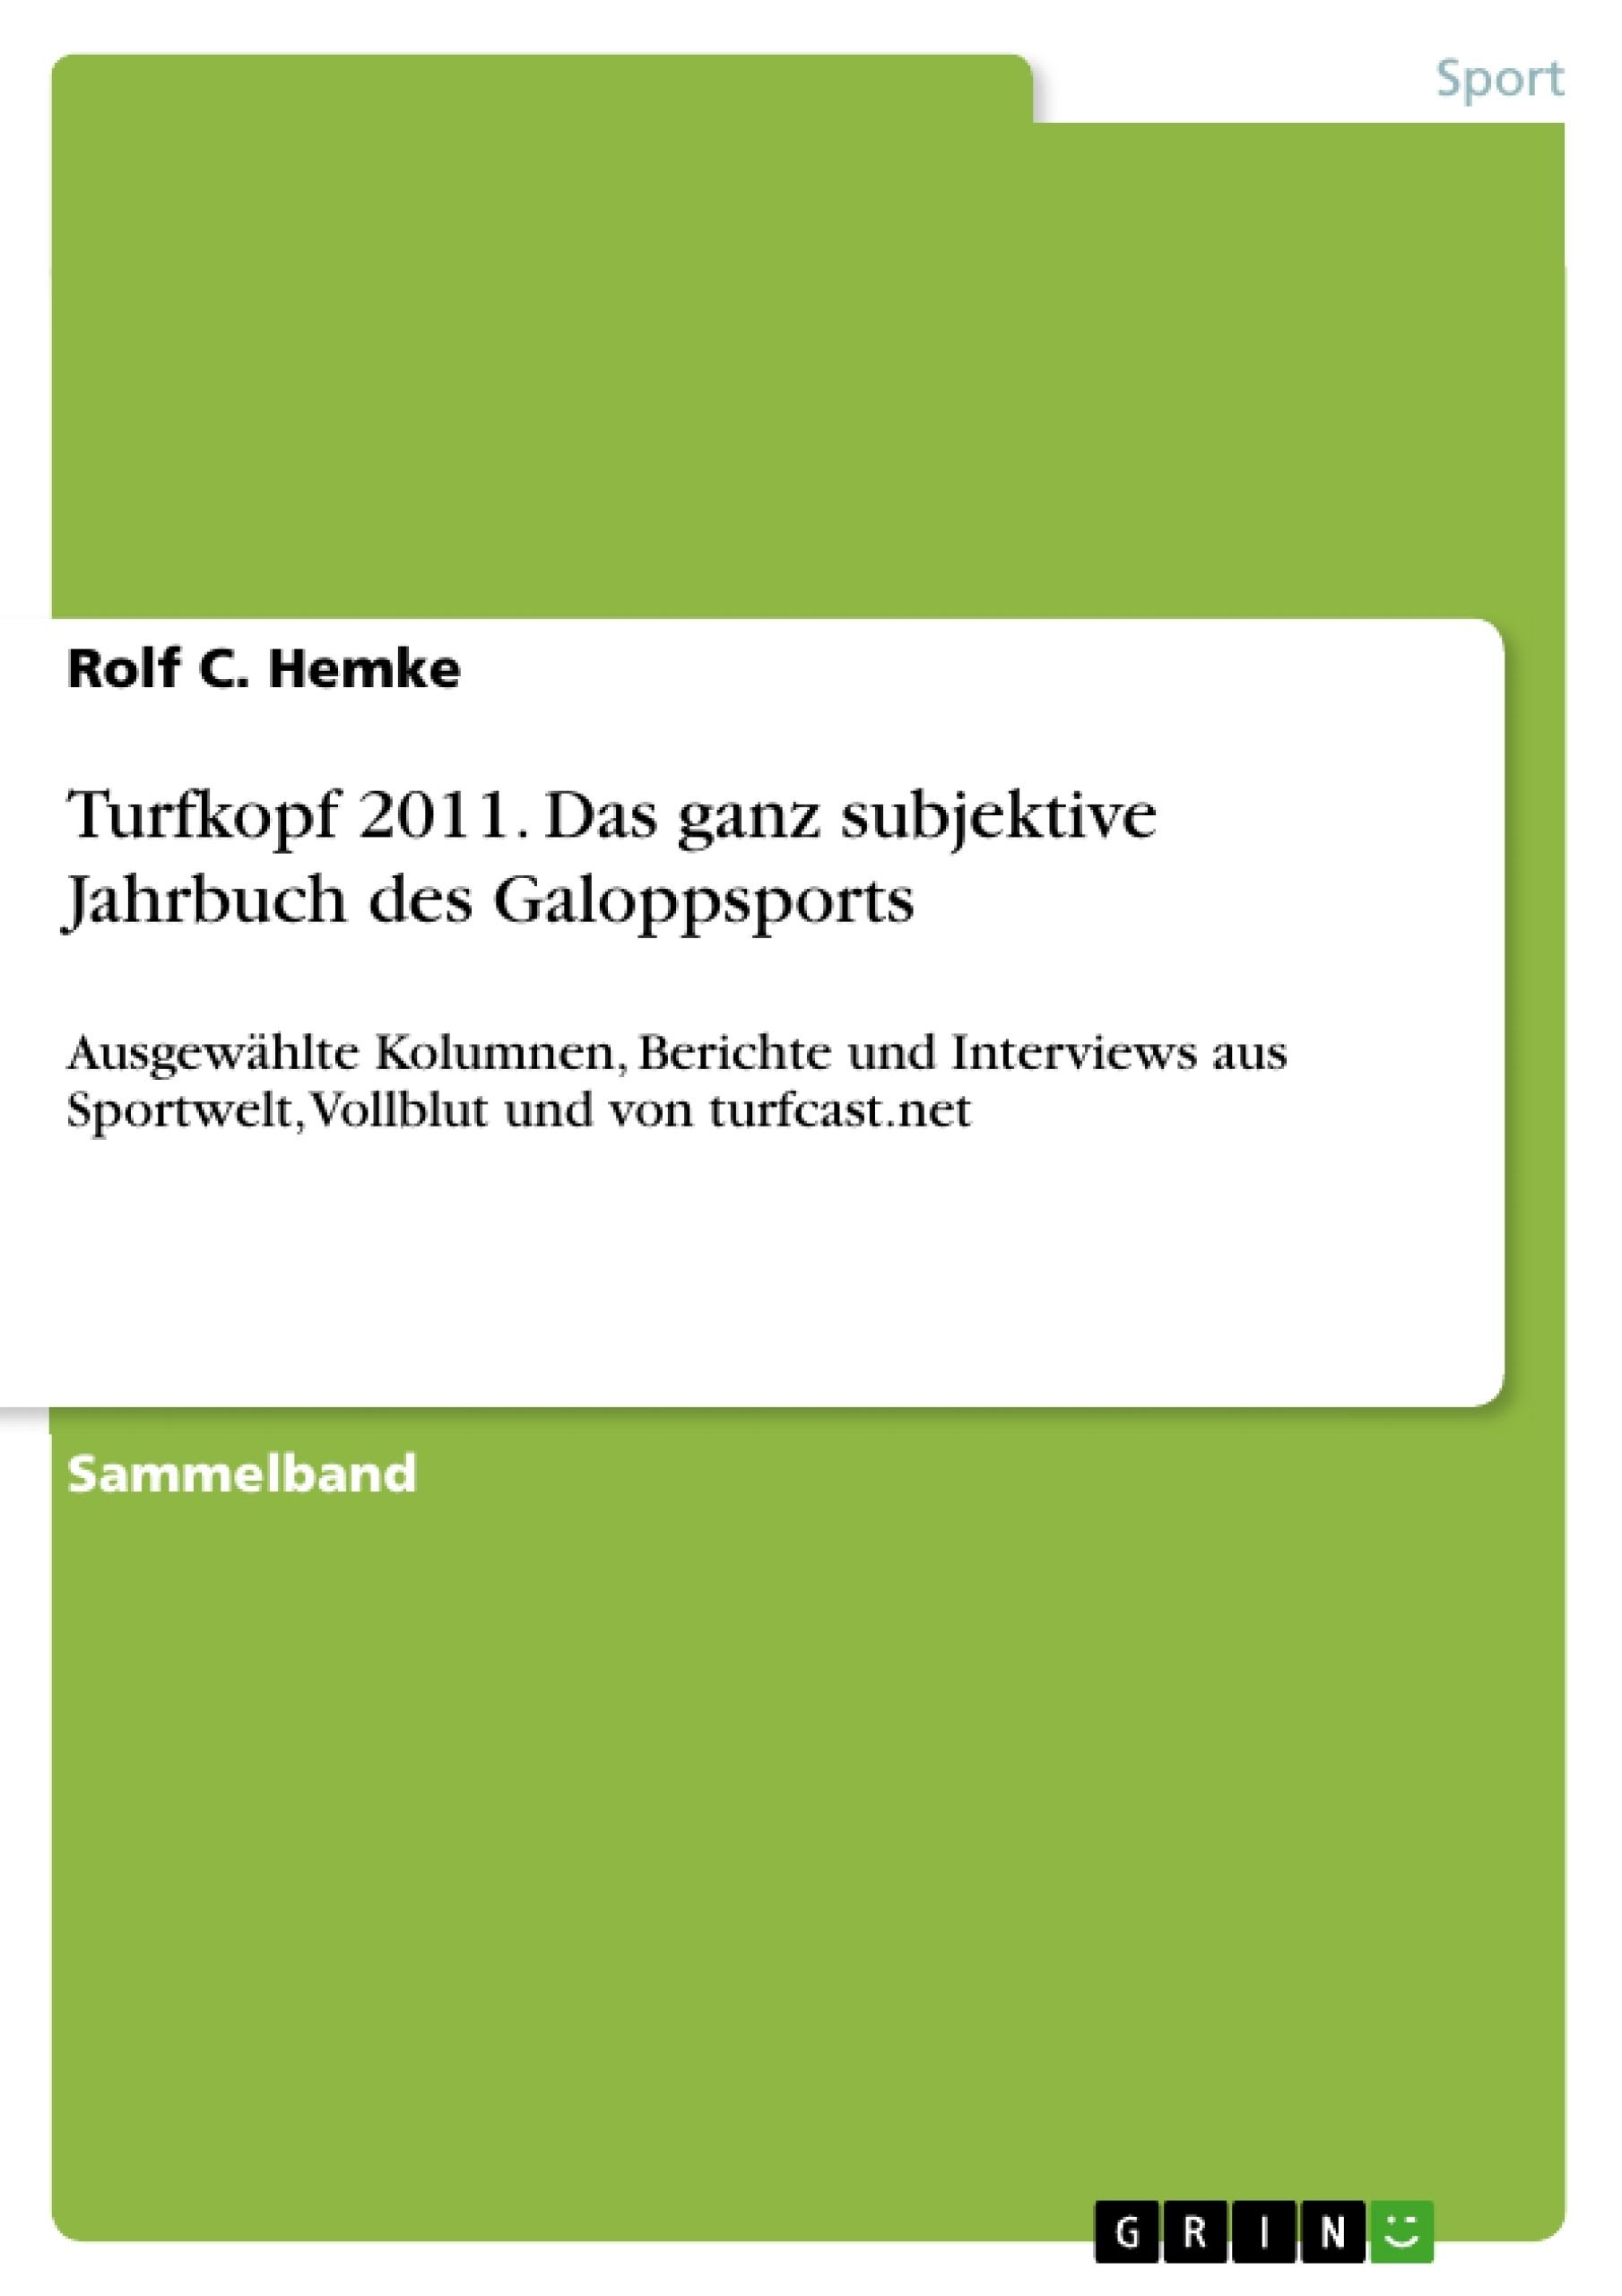 Titel: Turfkopf 2011. Das ganz subjektive Jahrbuch des Galoppsports